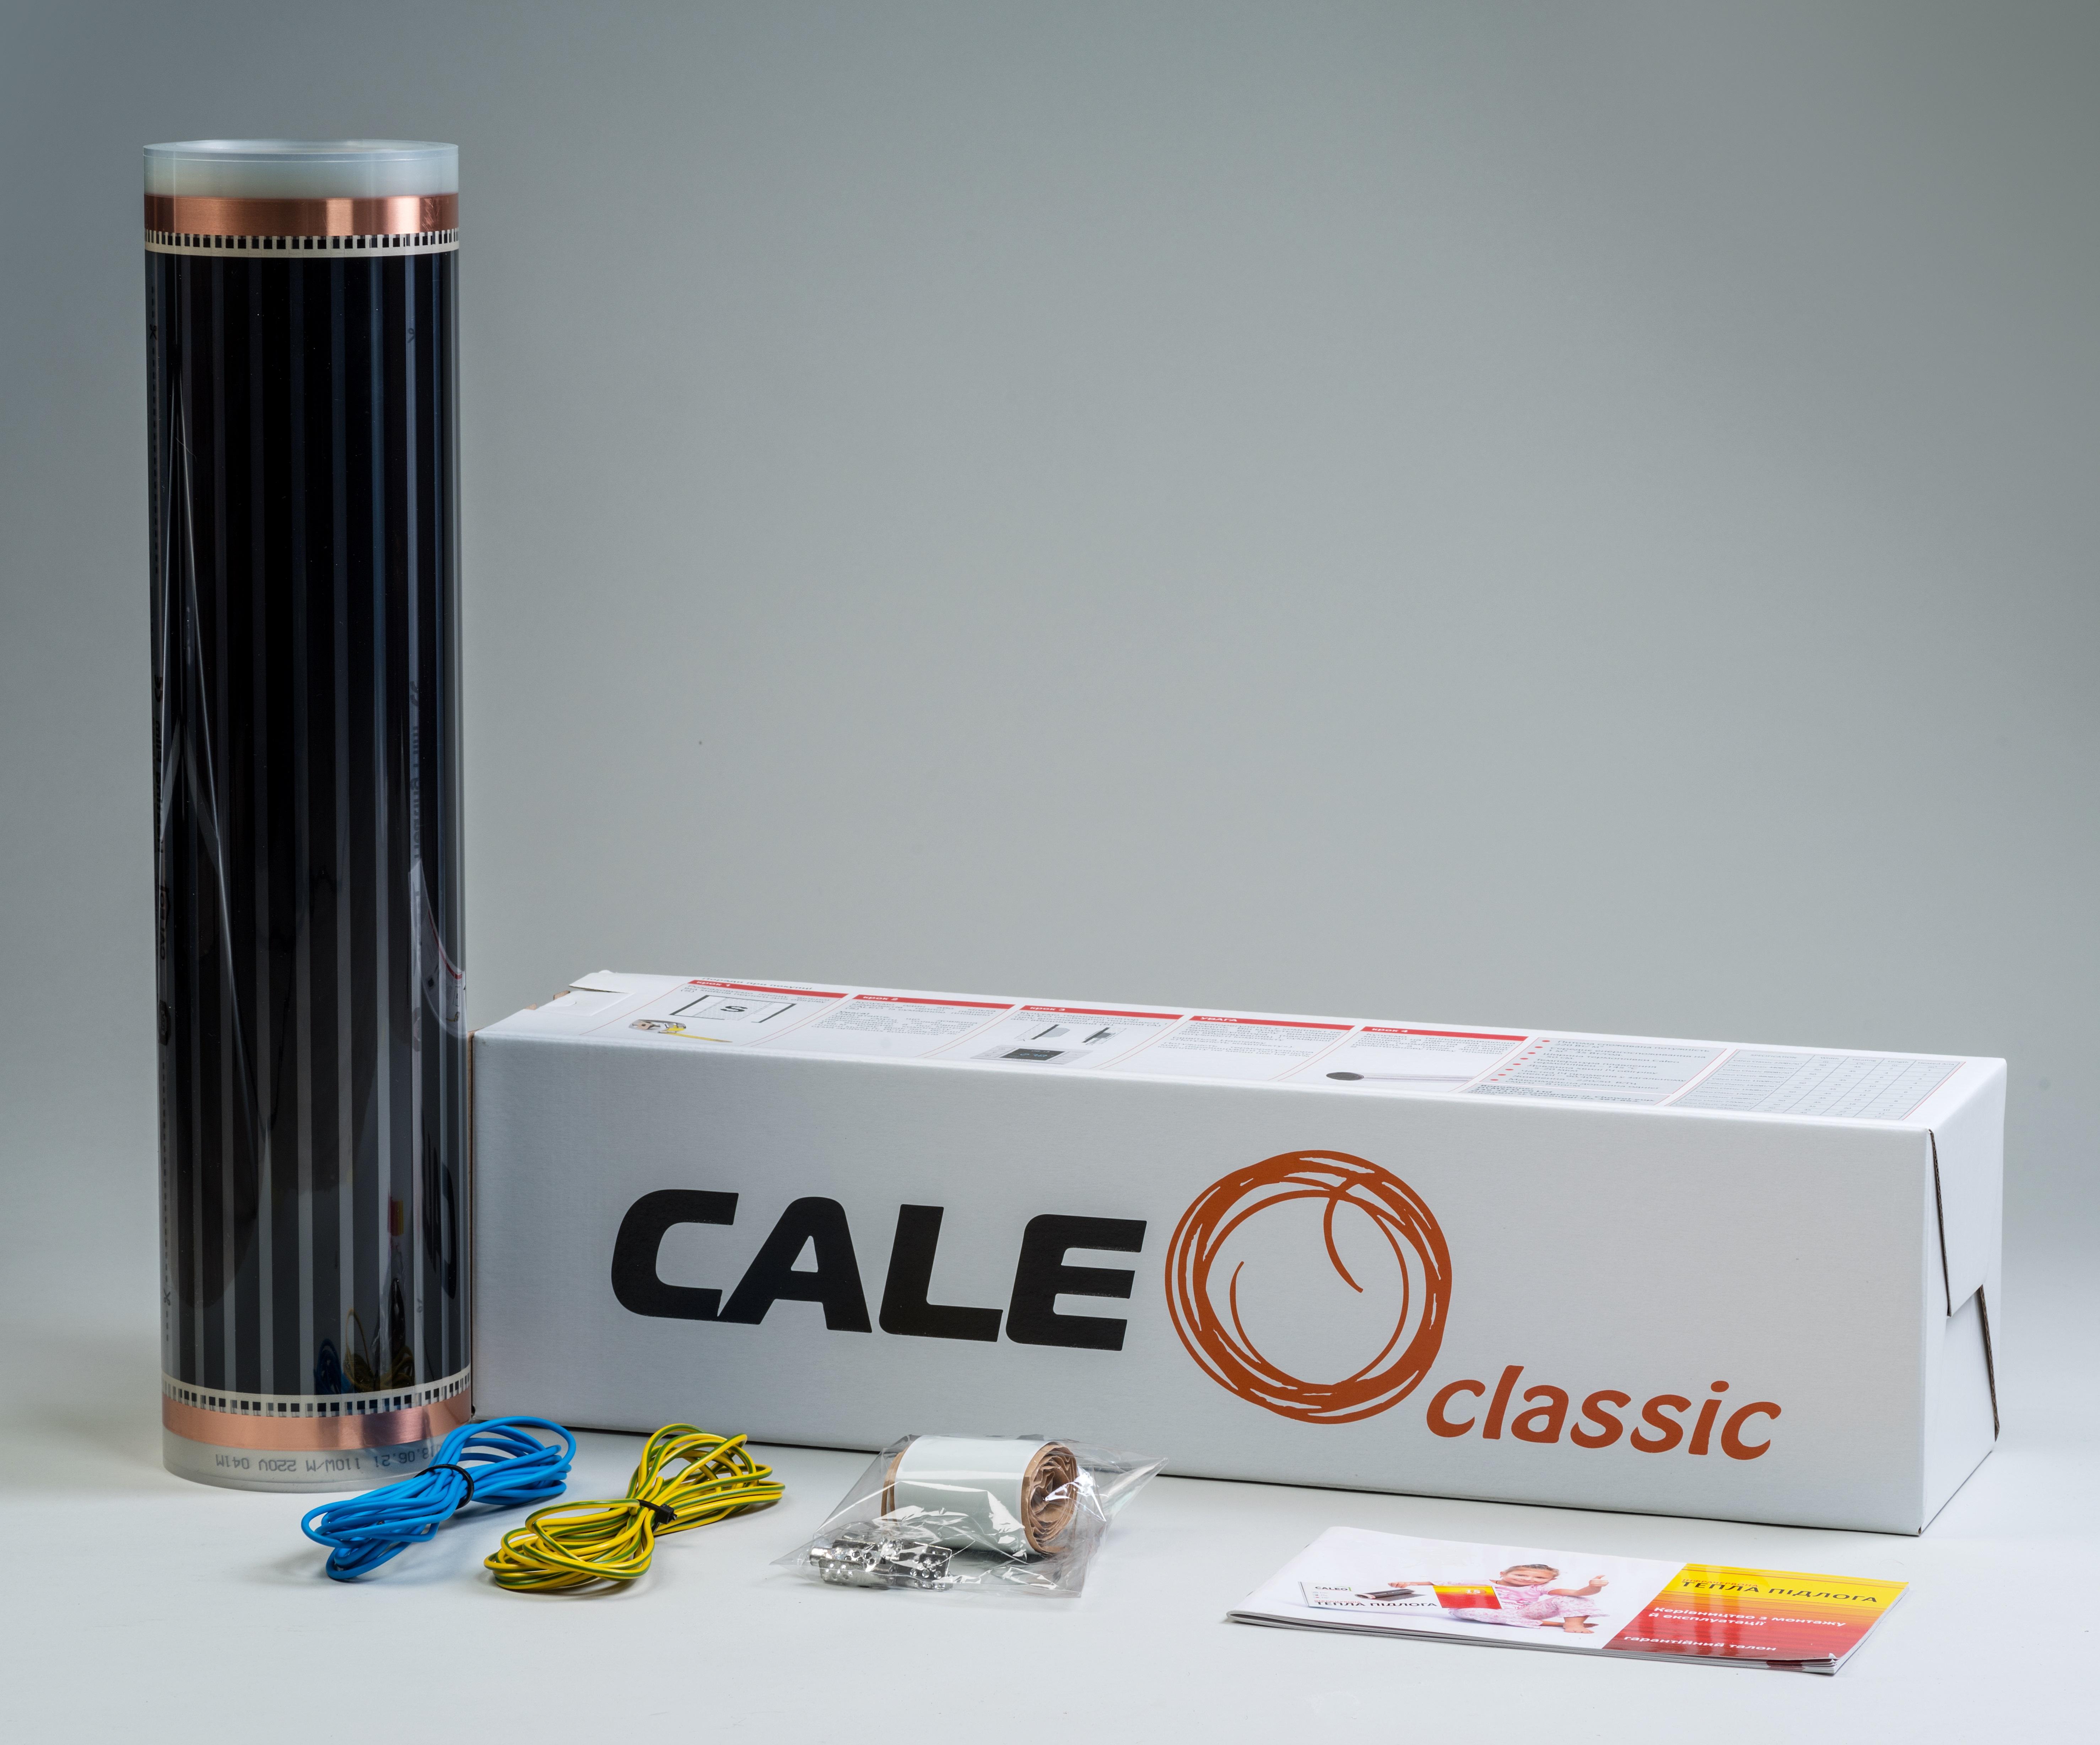 caleo (южная корея) Caleo Classic 220-0,5-1.0 (1 м2)